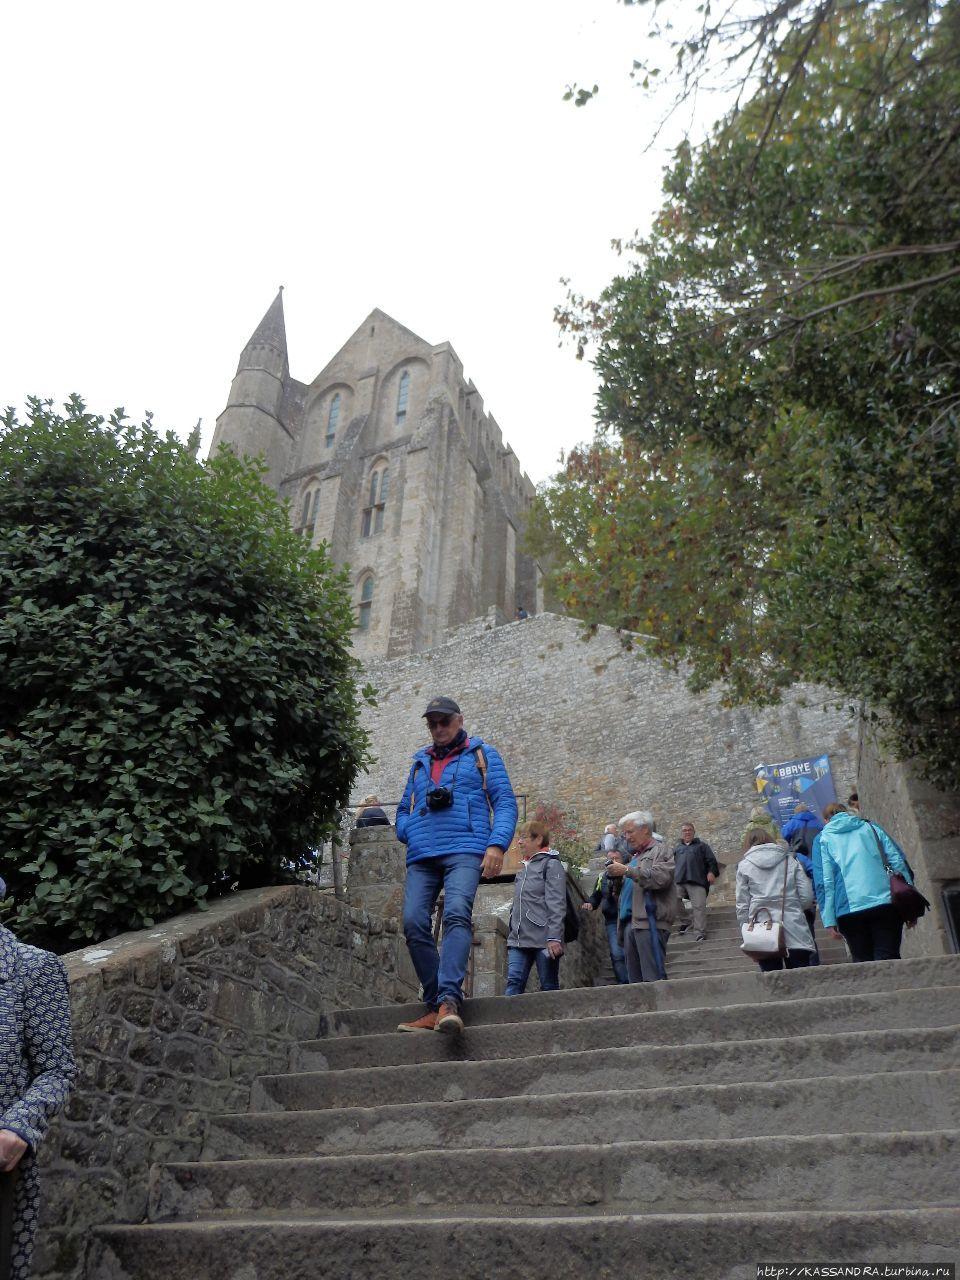 Приходская церковь Святого Петра Мон-Сен-Мишель, Франция